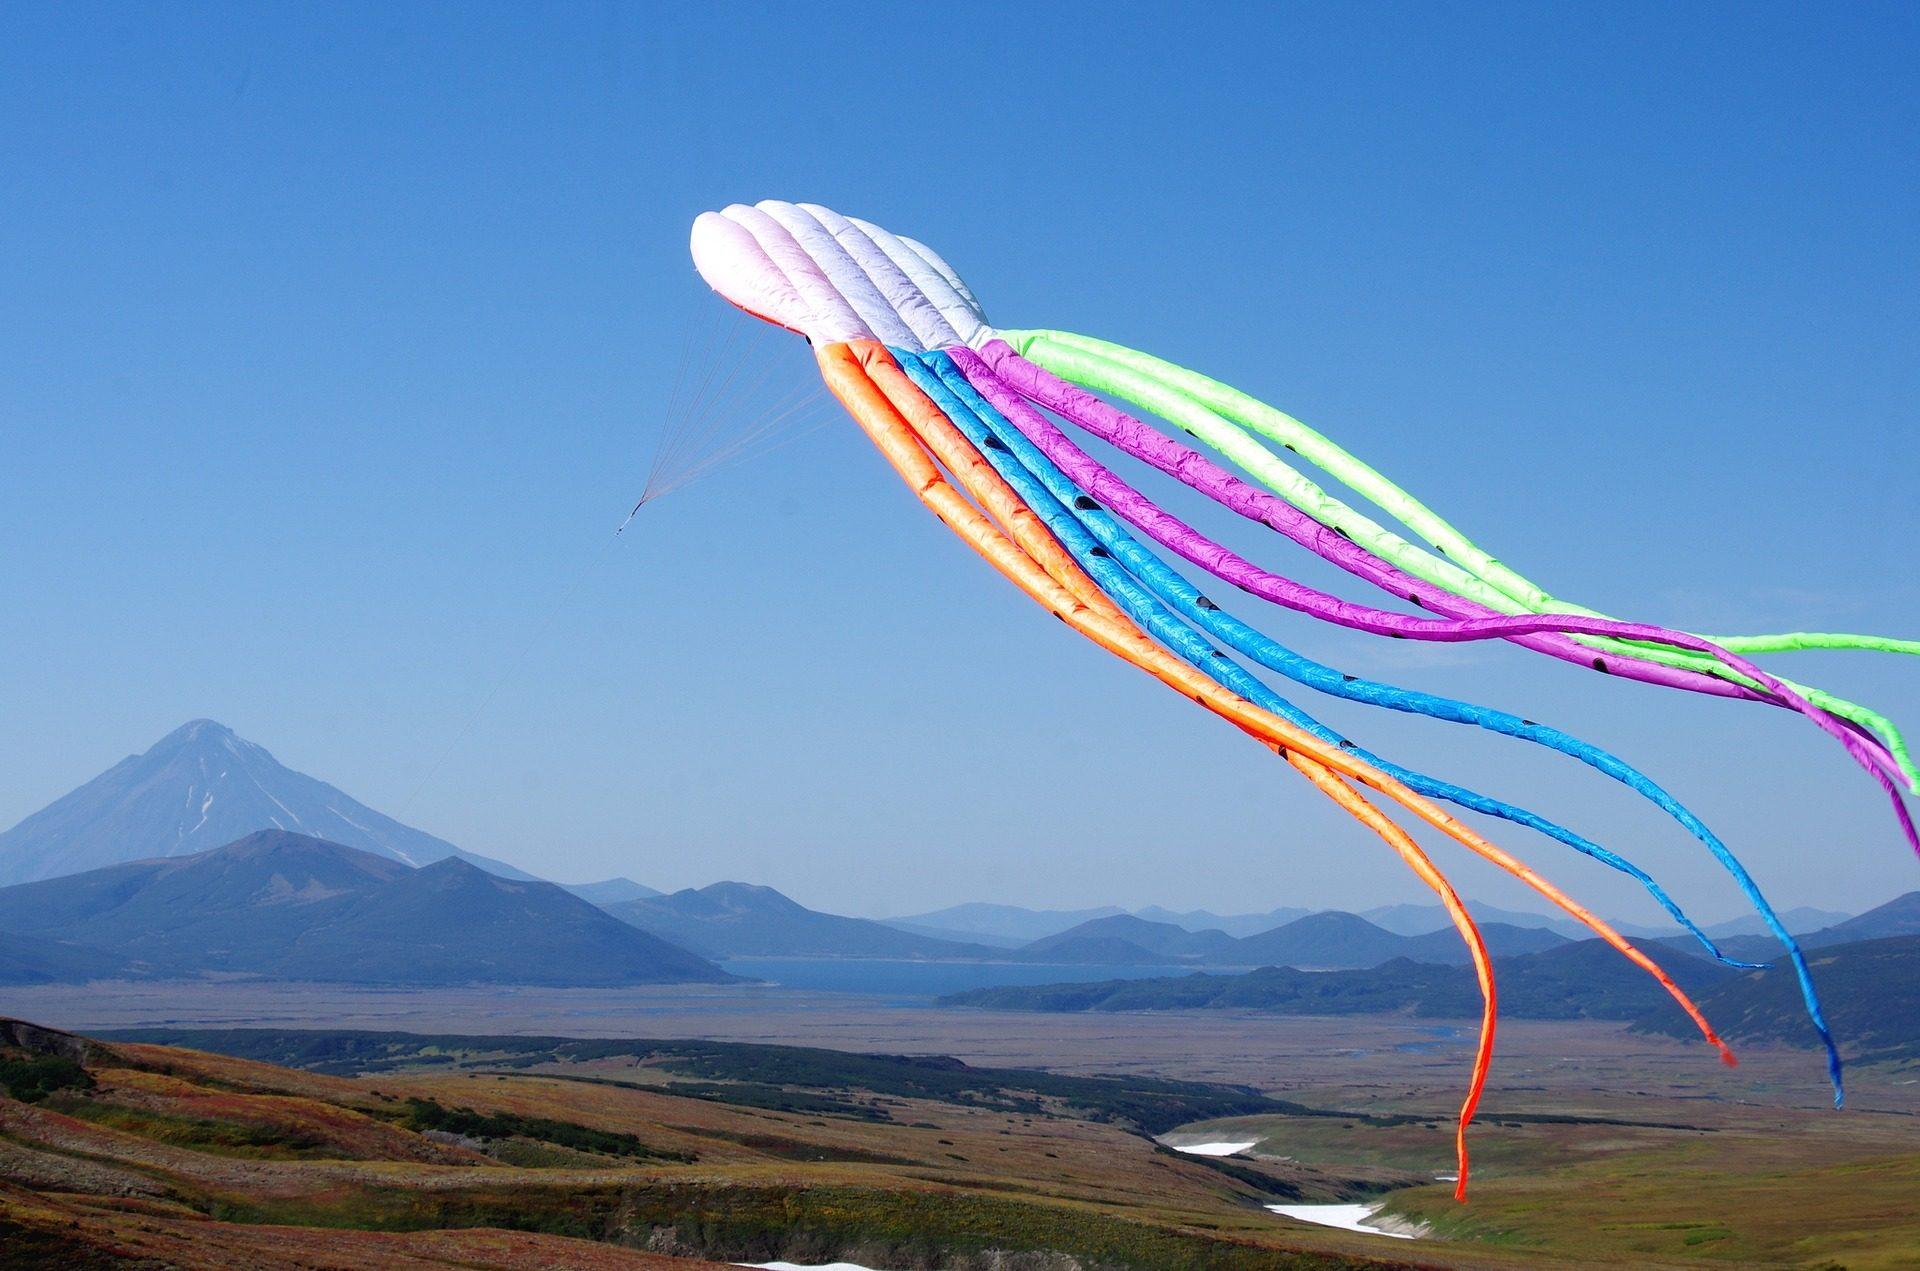 Kite, voo, altura, montañas, horizonte - Papéis de parede HD - Professor-falken.com